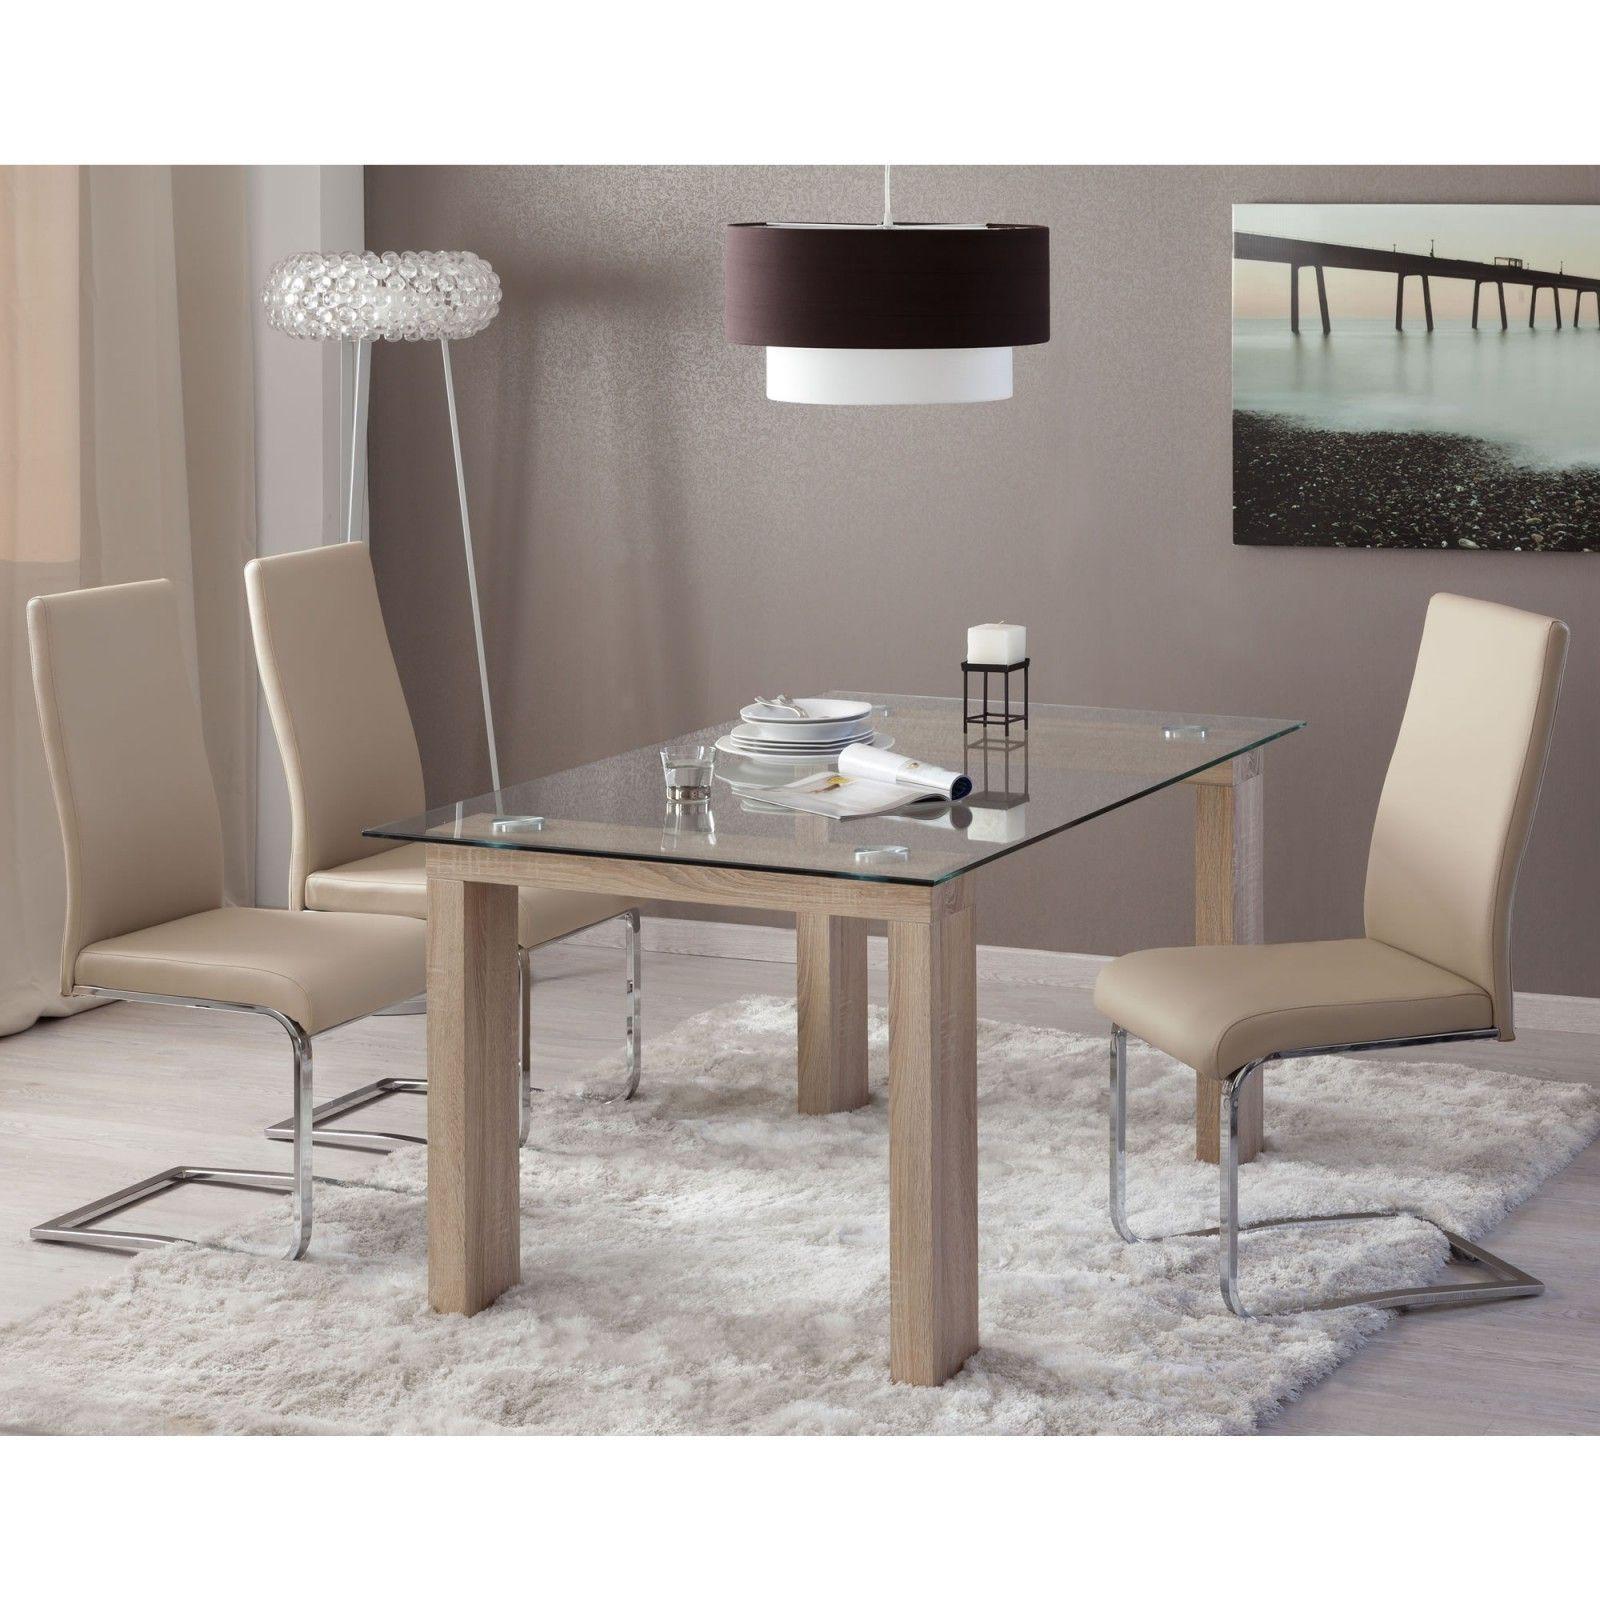 Mesa de comedor cristal zendra | DESSIN INTERIOR | Pinterest